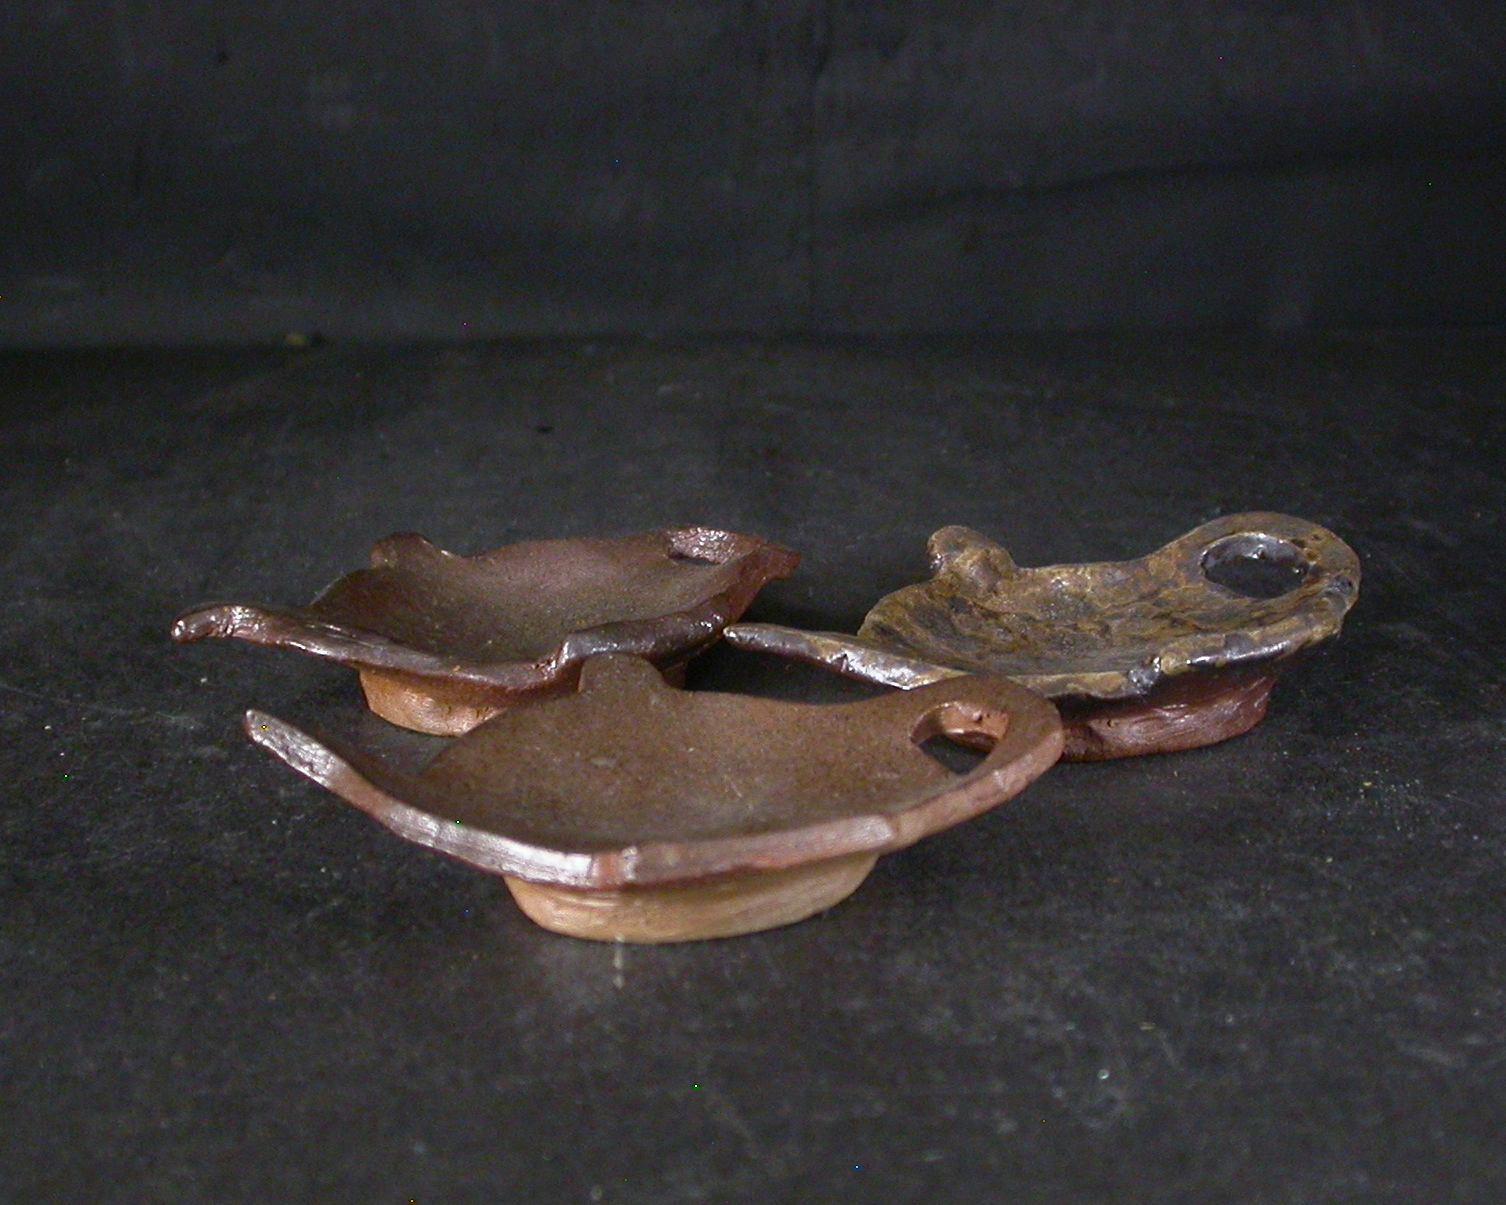 備前焼 登窯 六べえ製作 黄ゴマランプの豆皿3個組1